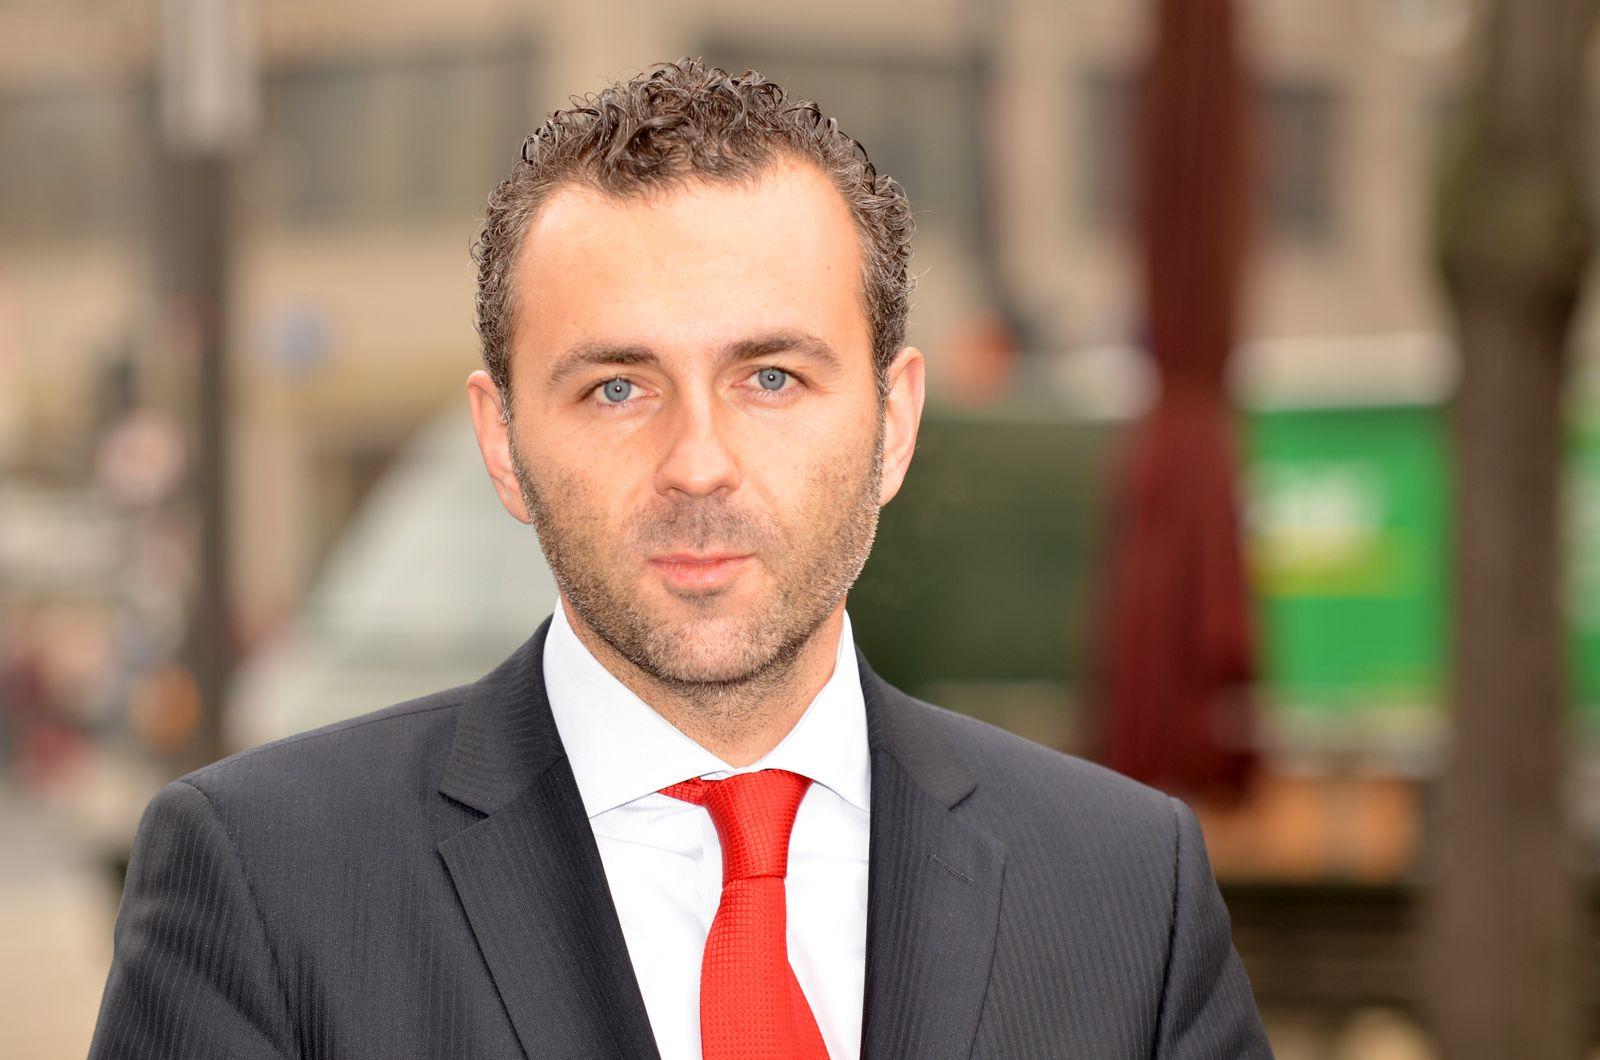 Thomas Jarzombek / CDU